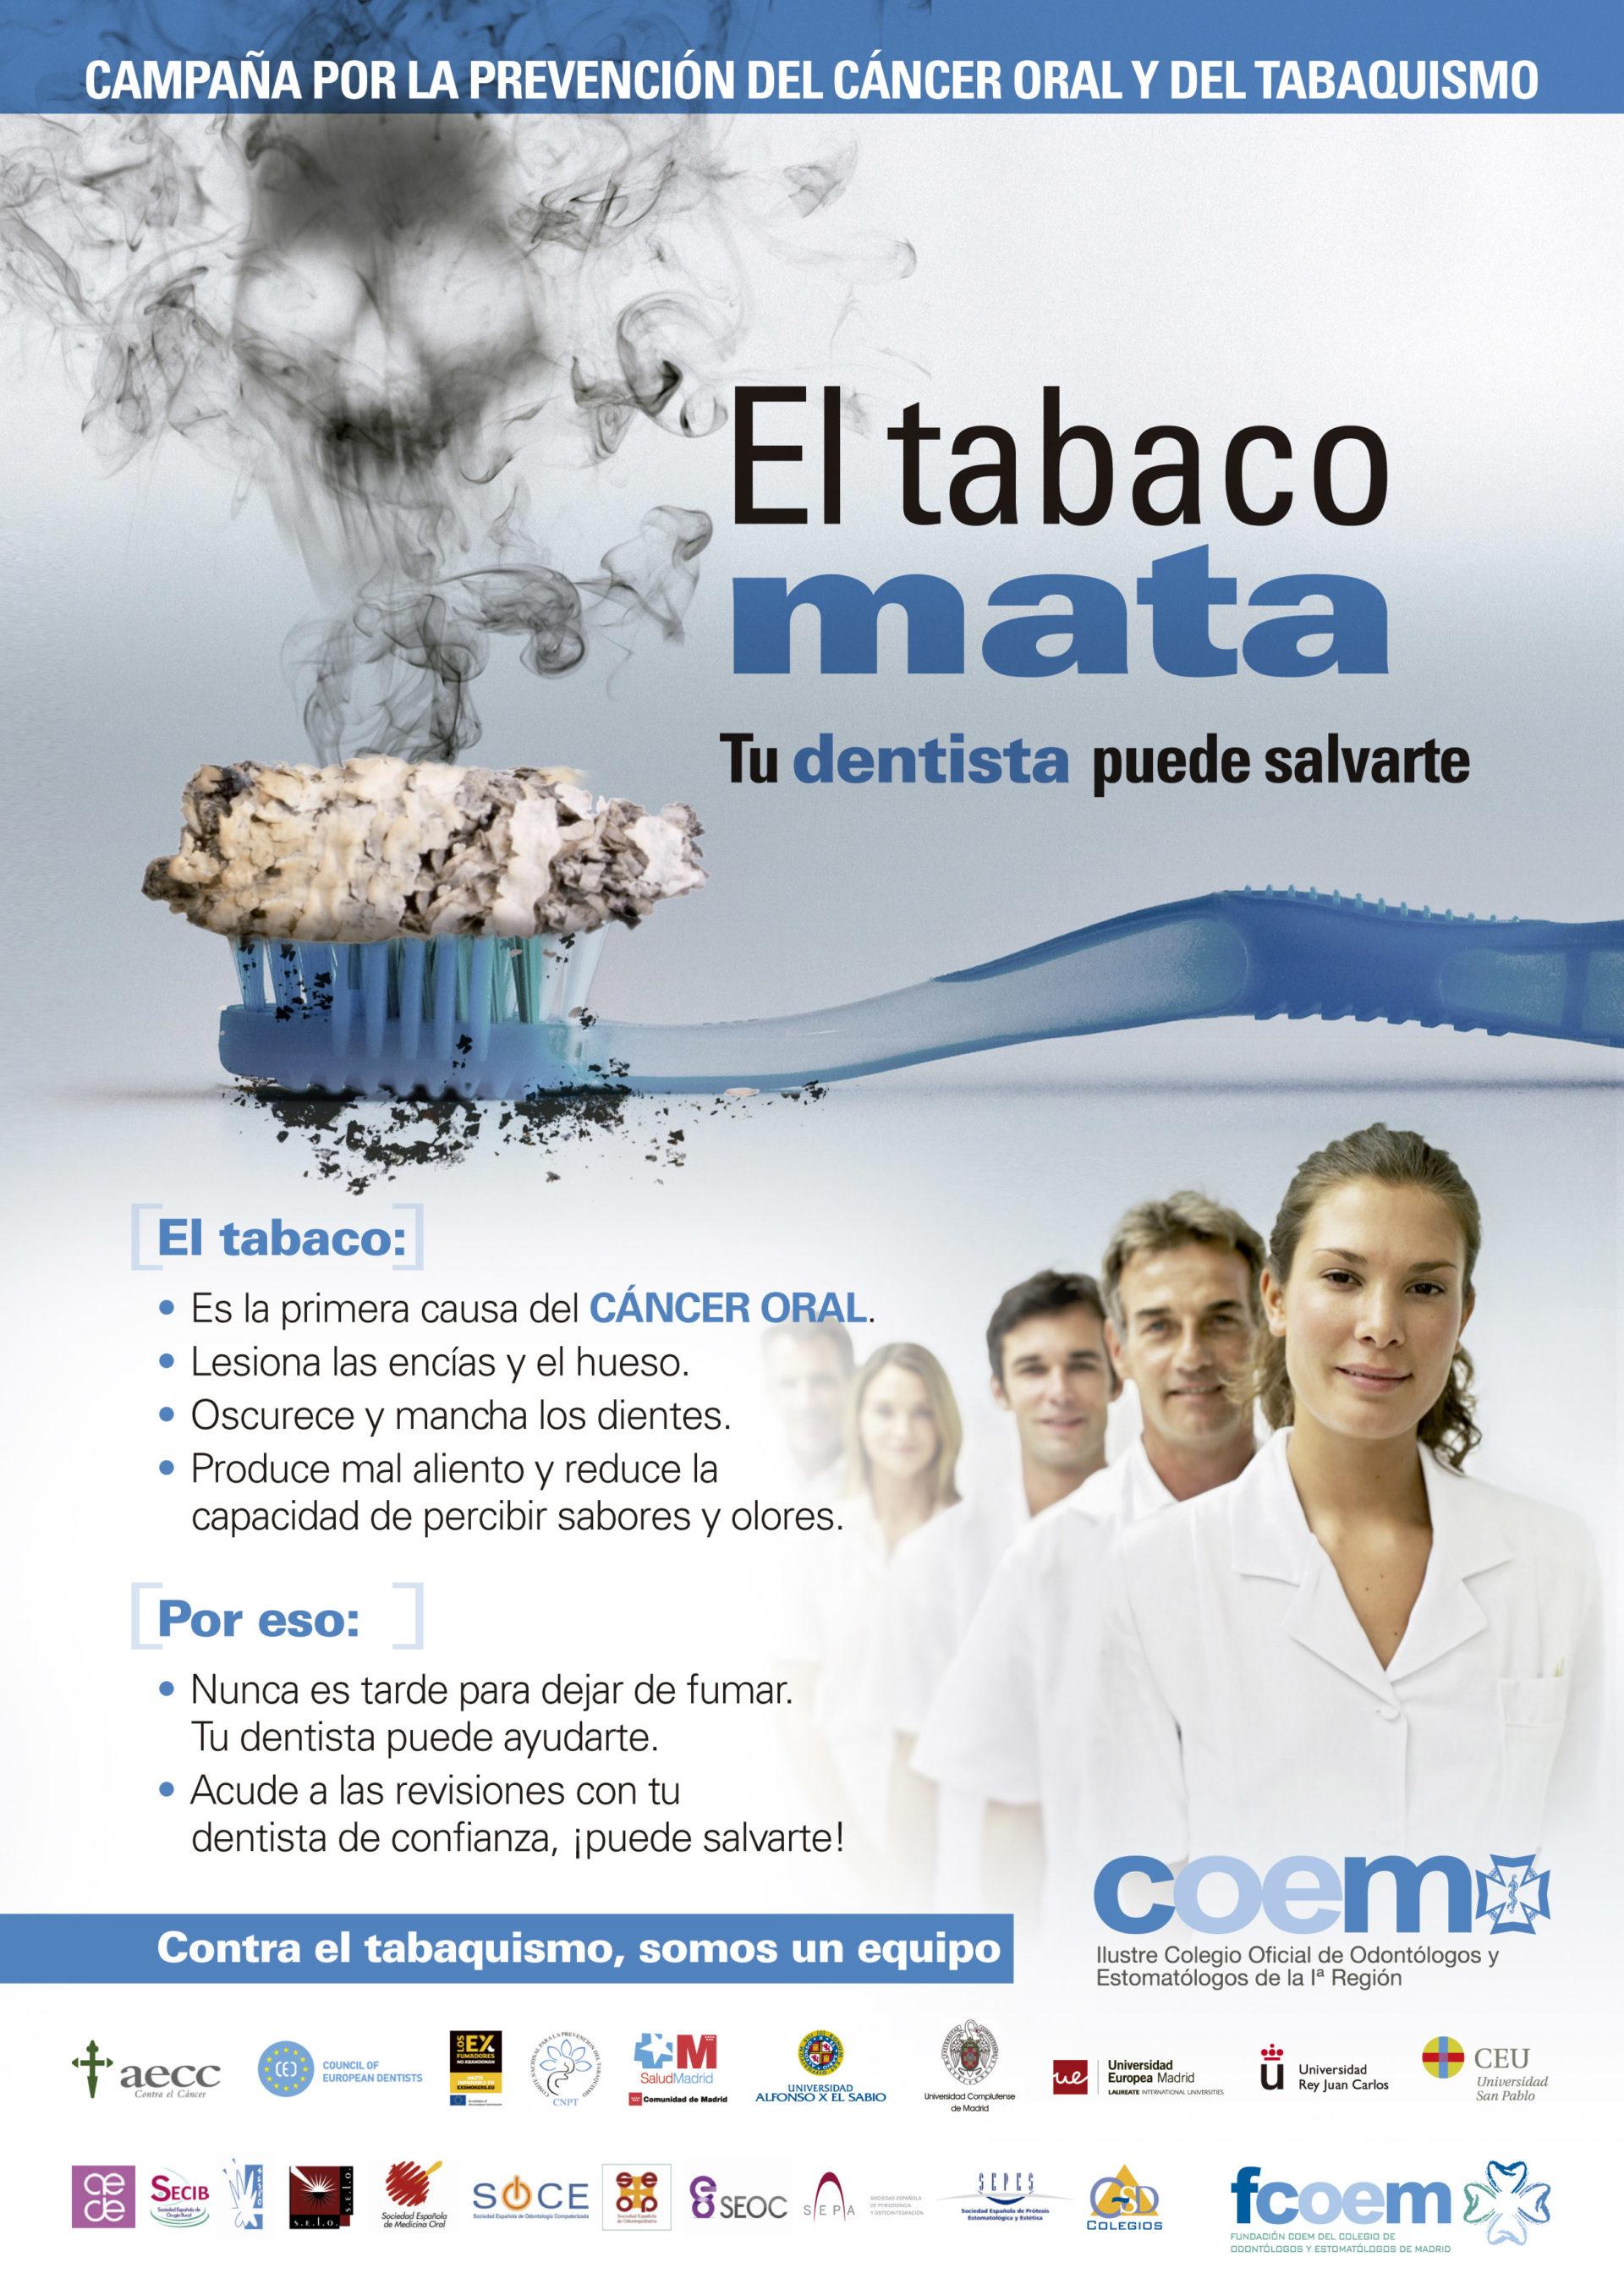 Campaña por la prevención del Cáncer oral y del Tabaquismo